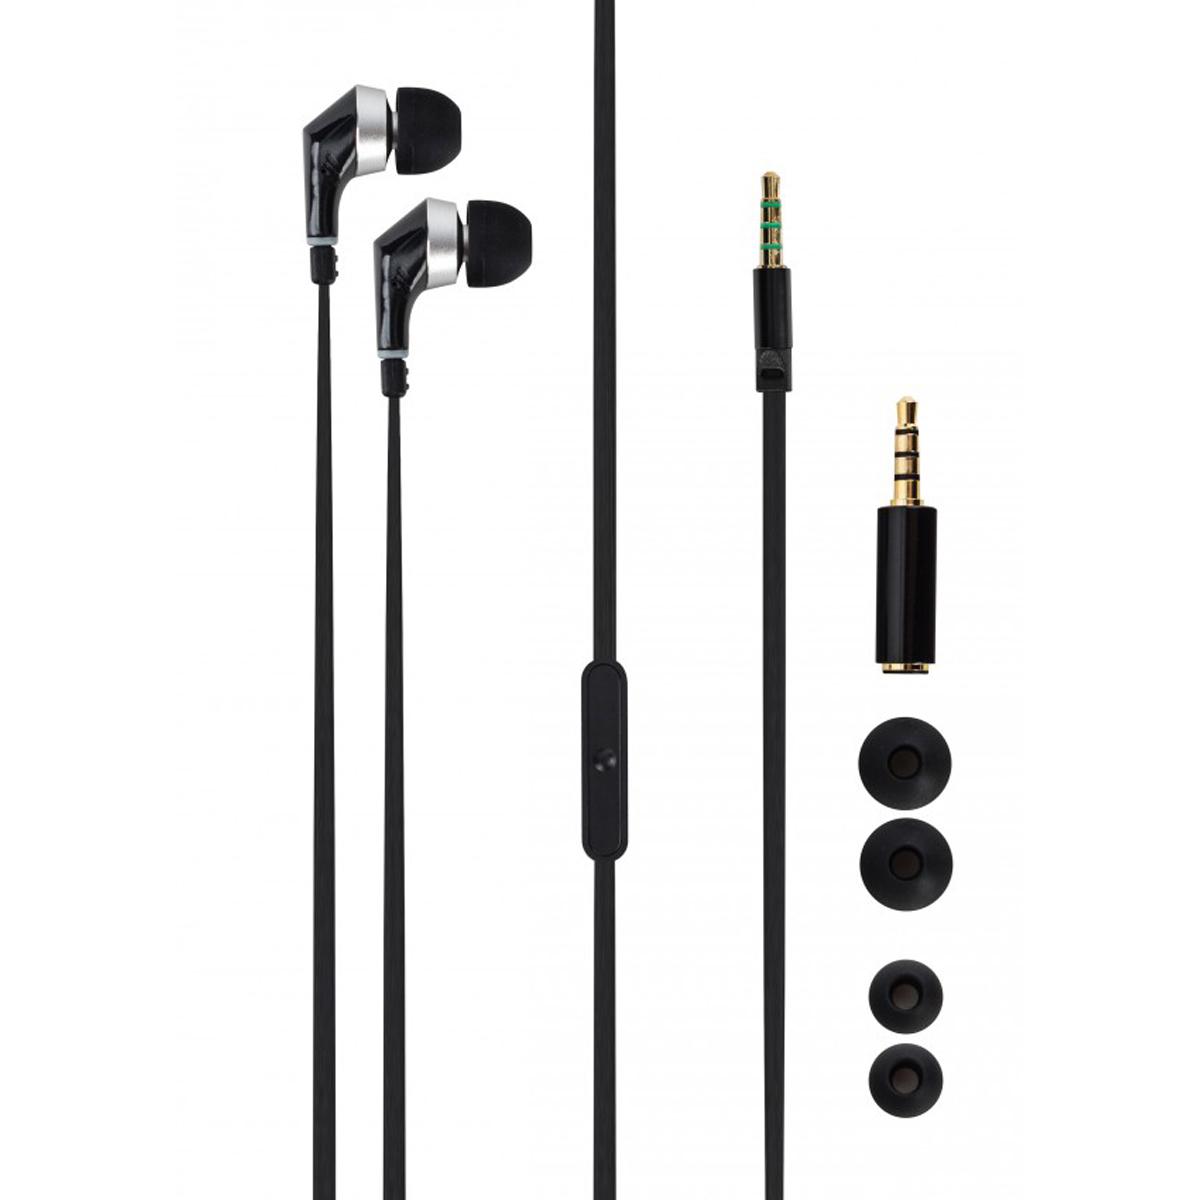 xqisit kit pi ton noir pour smartphone kit pi ton et casque xqisit sur ldlc. Black Bedroom Furniture Sets. Home Design Ideas